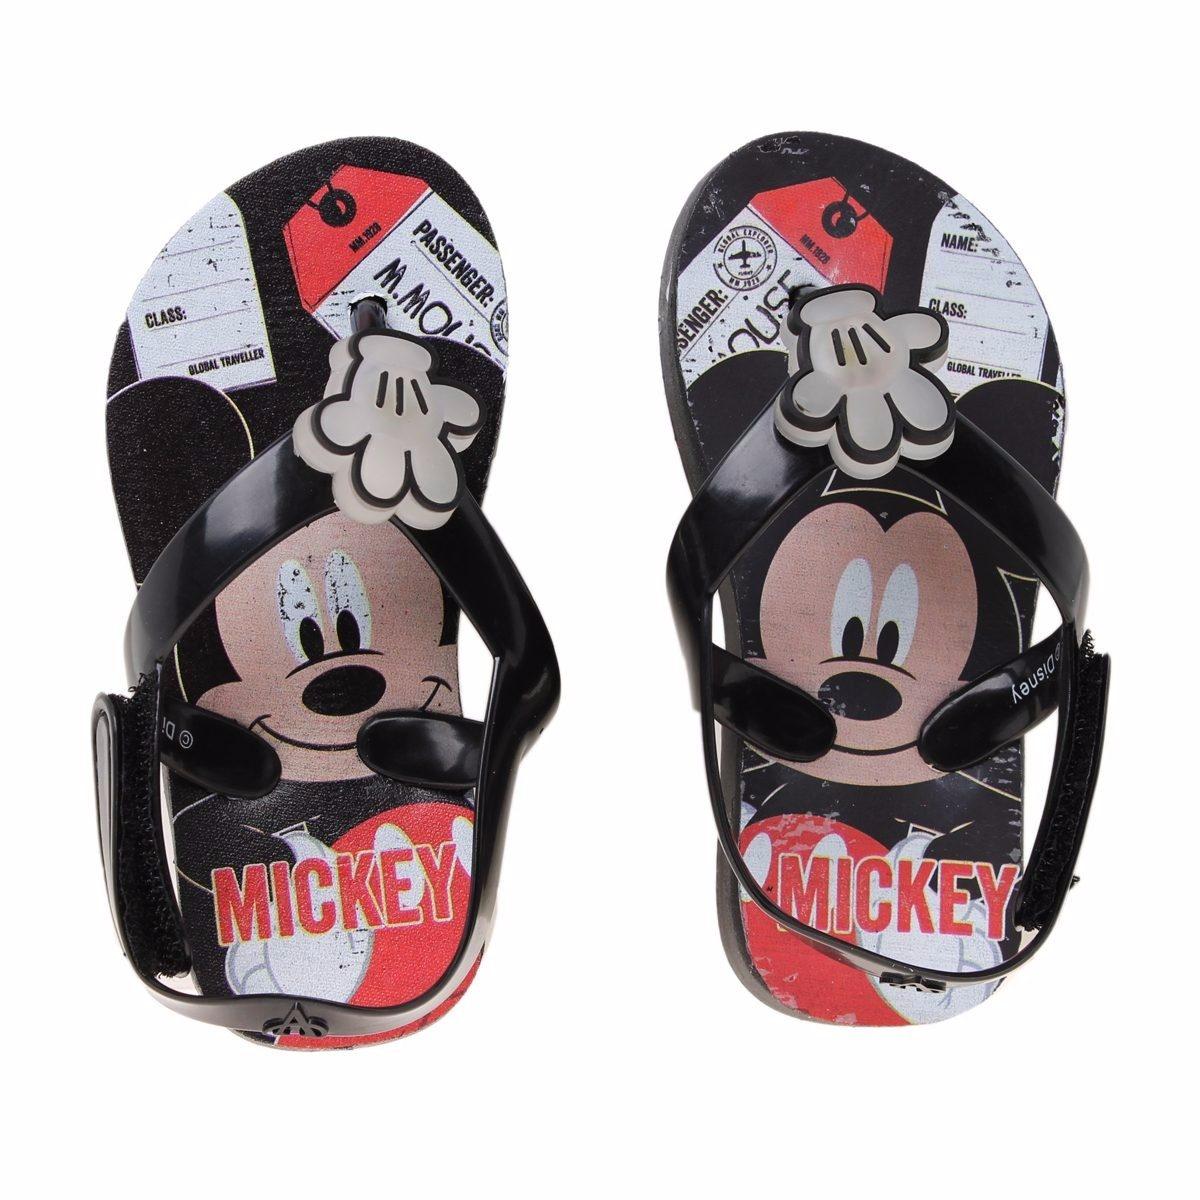 Ojotas Disney Mickey Luces Addnice Originales , Mundo Manias